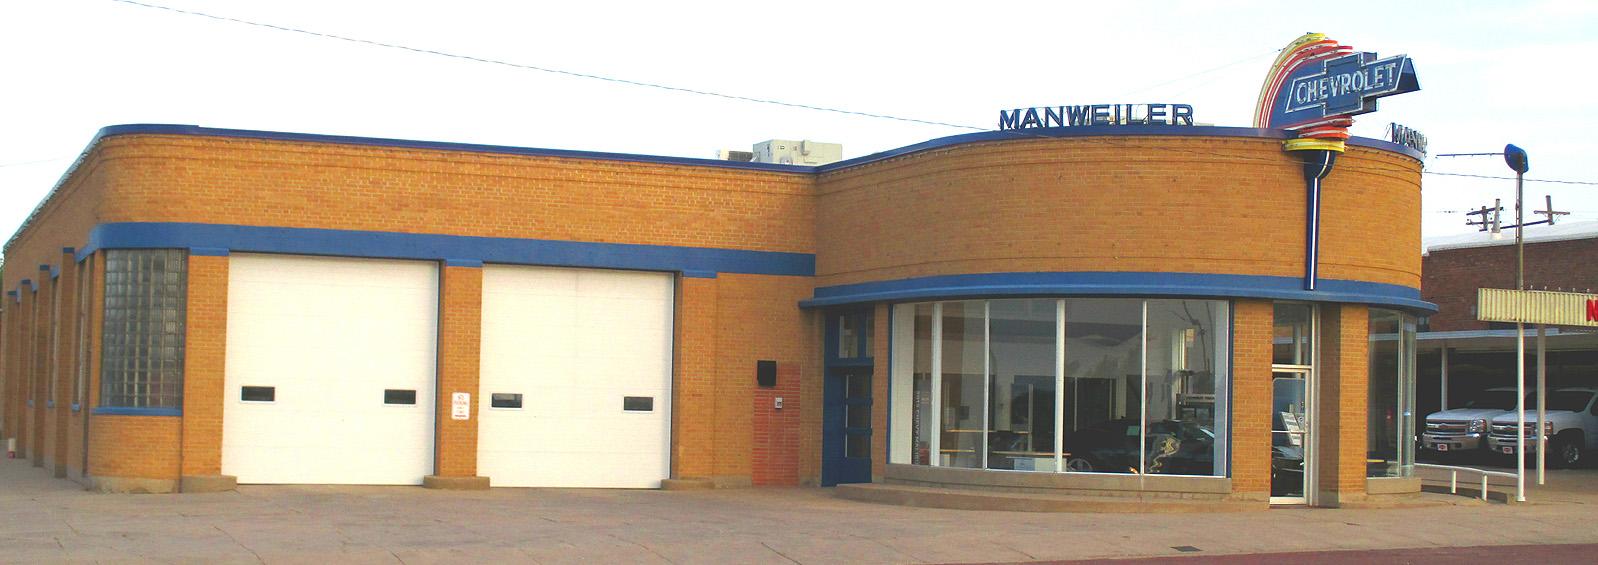 Manweiler Chevrolet Co In Hoisington Ks Chevrolet Dealership